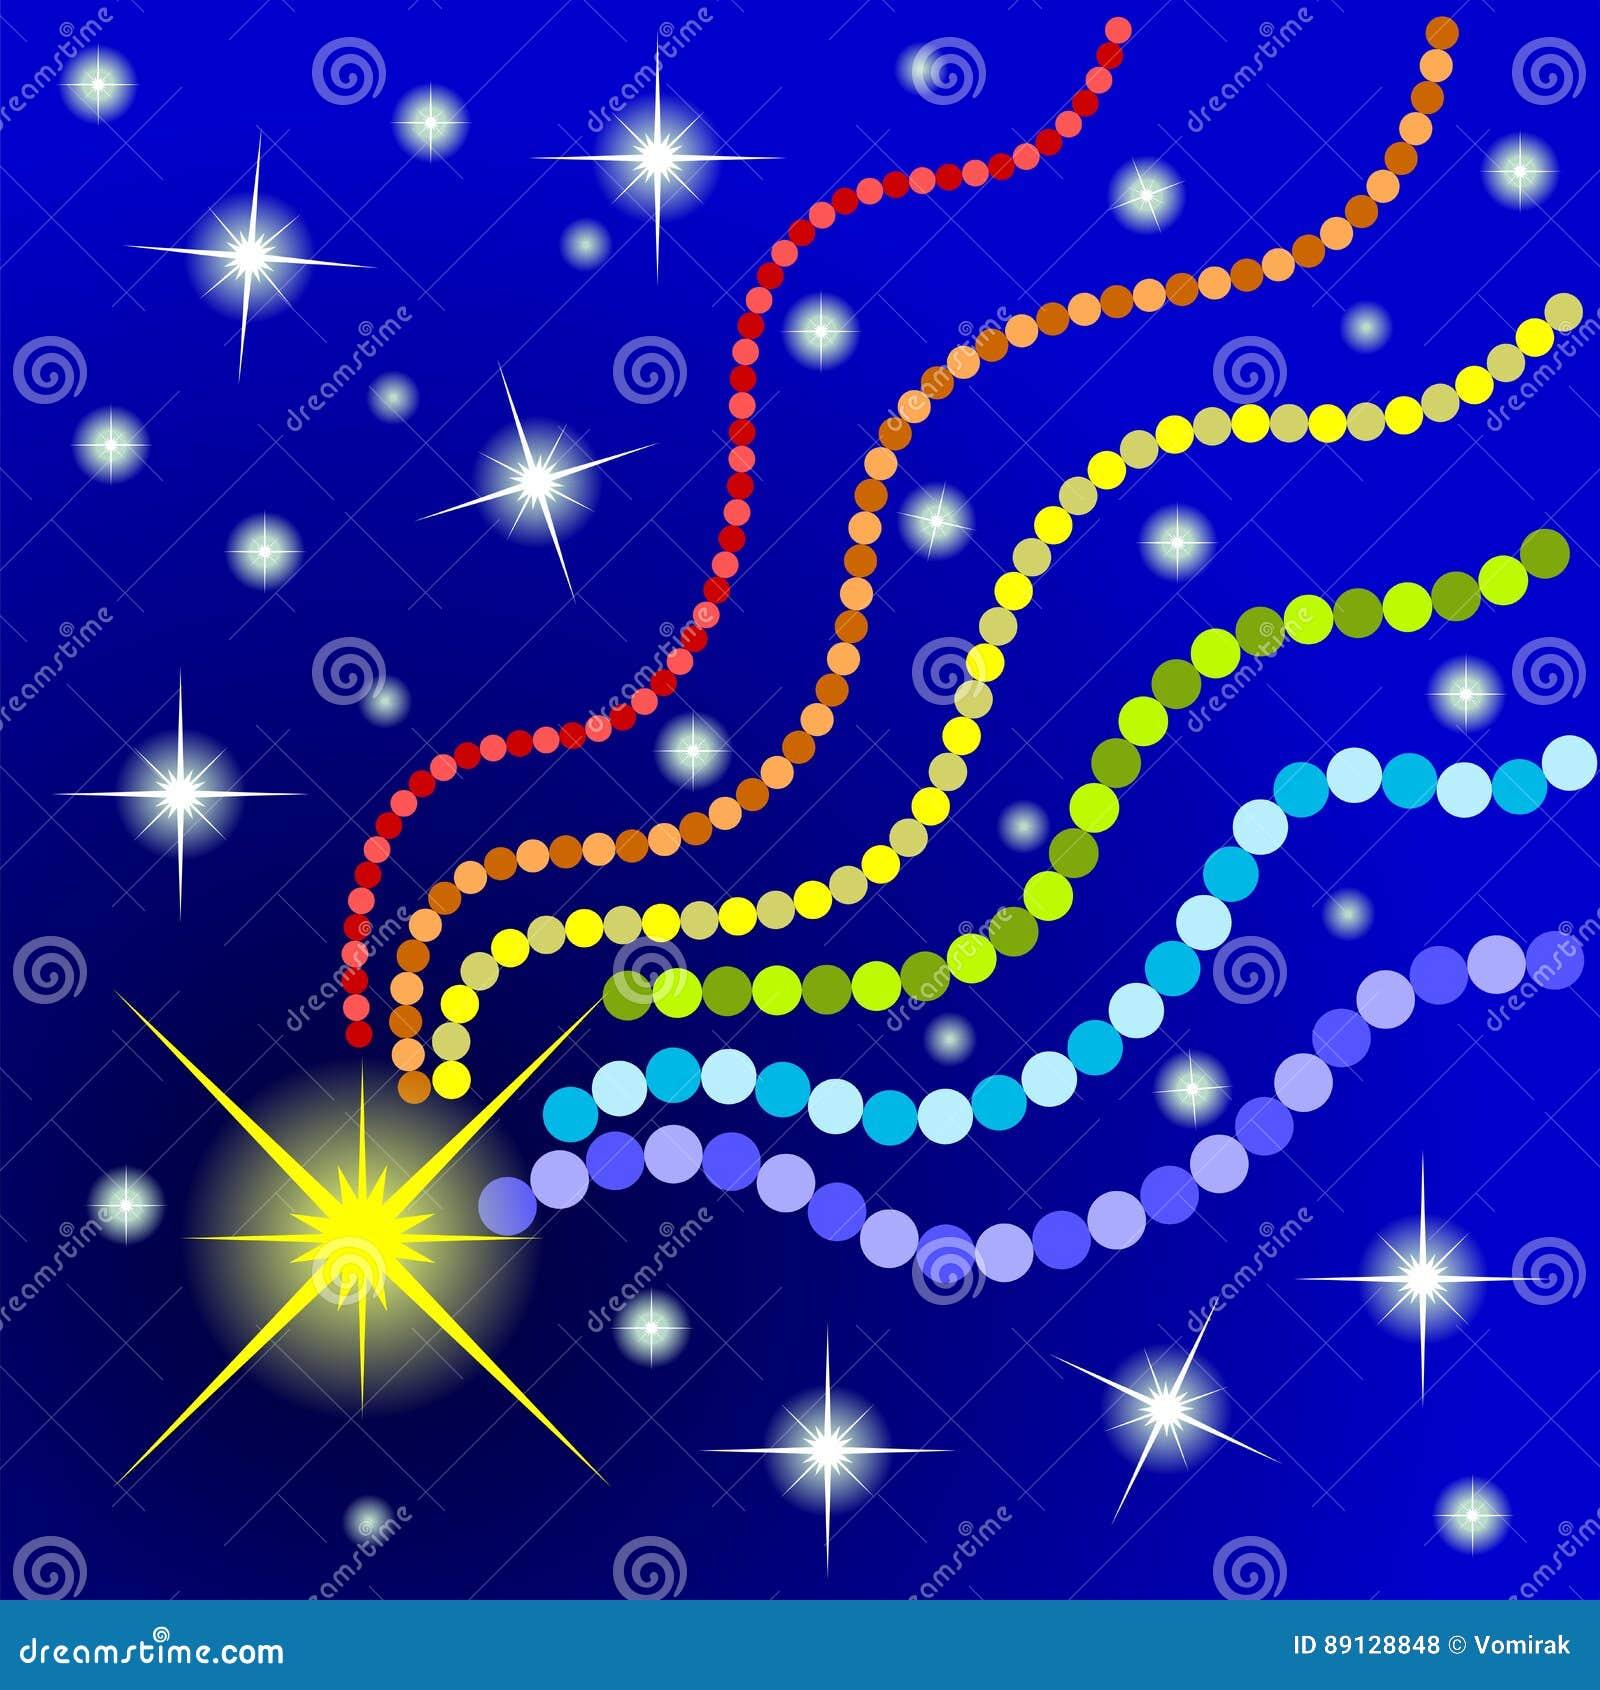 Foto Di Una Stella Cadente.Disegno Decorativo Di Una Stella Cadente Illustrazione Di